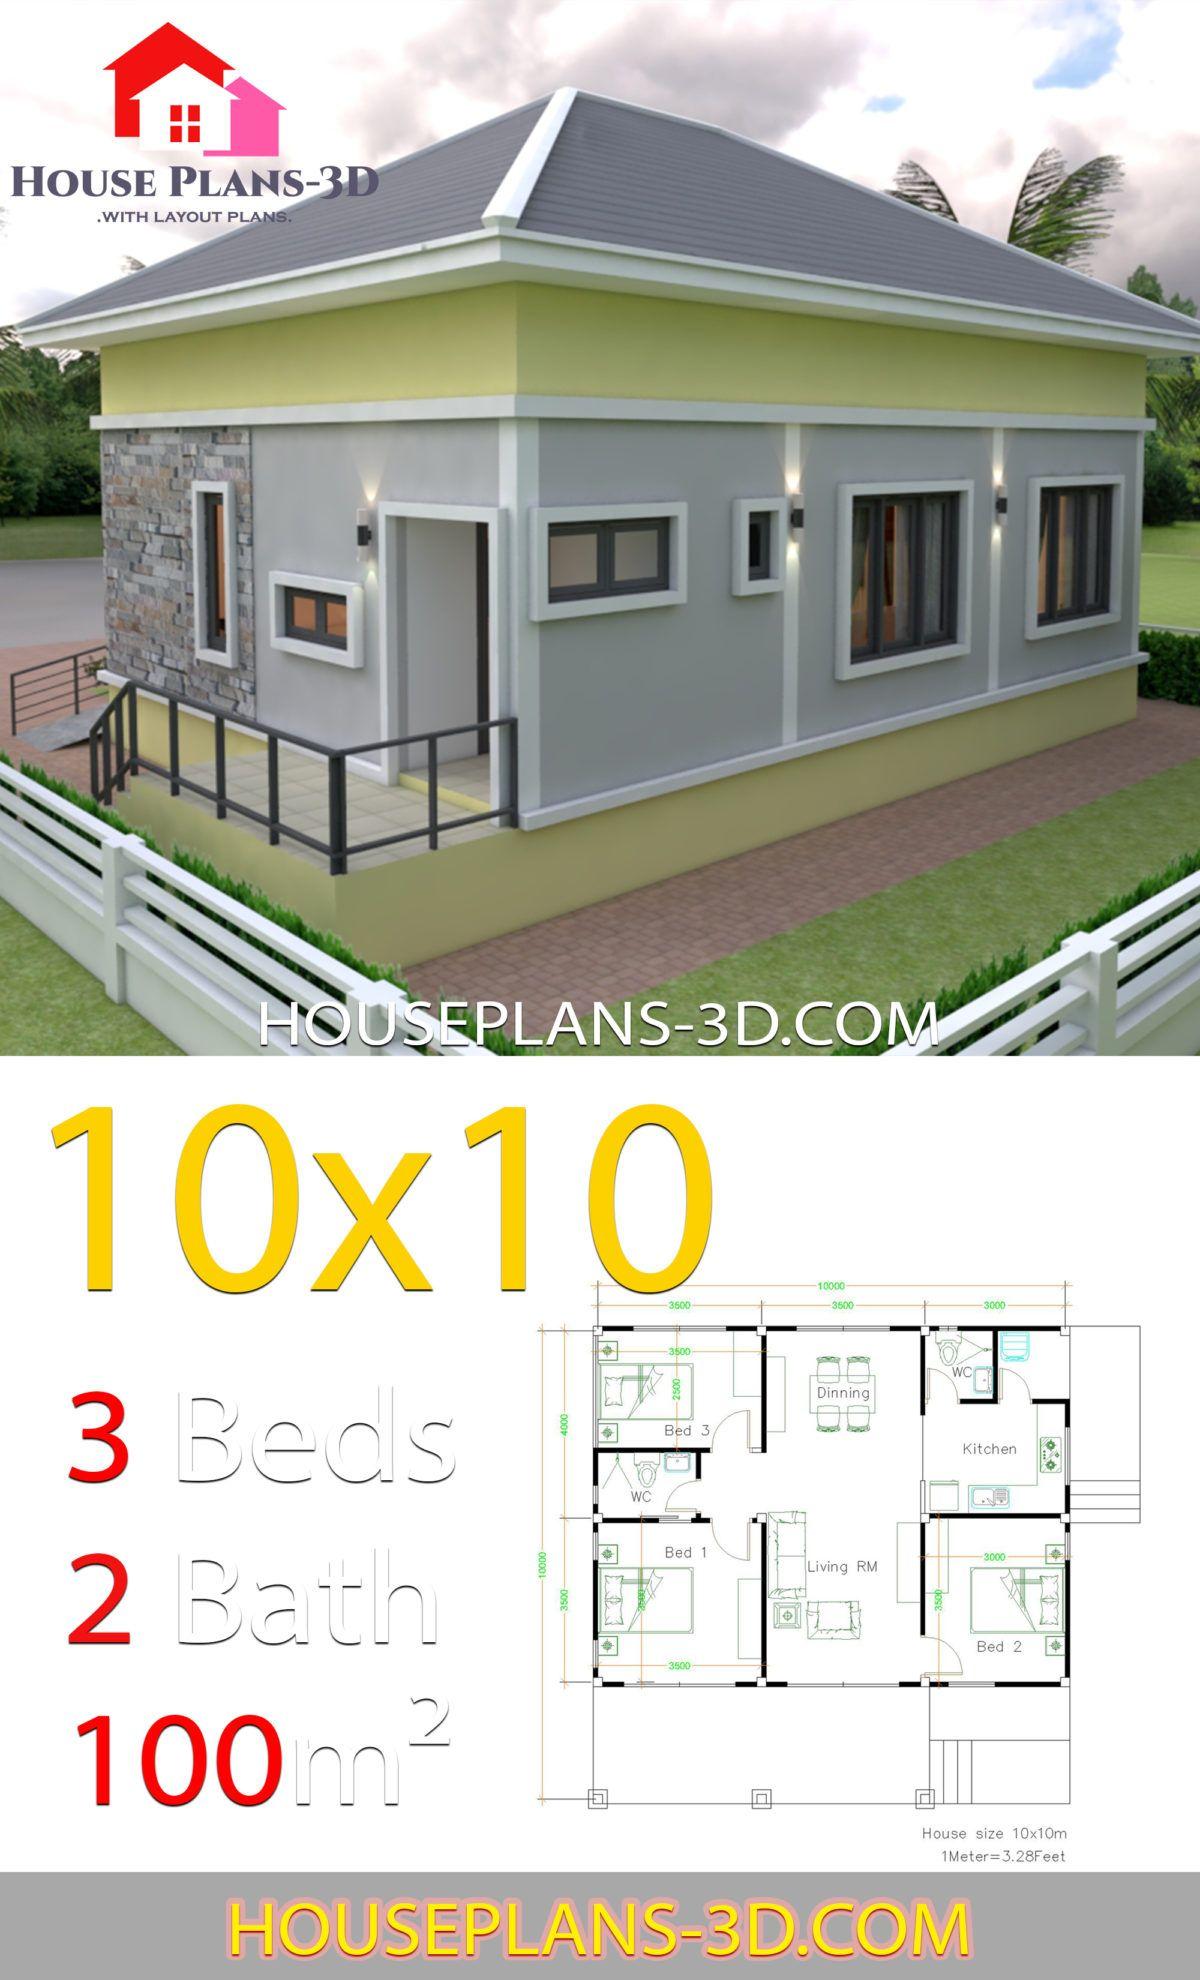 Desain Rumah Autocad 3d : desain, rumah, autocad, House, Design, 10x10, Bedrooms, Plans, Arsitektur, Rumah,, Denah, Desain, Rumah